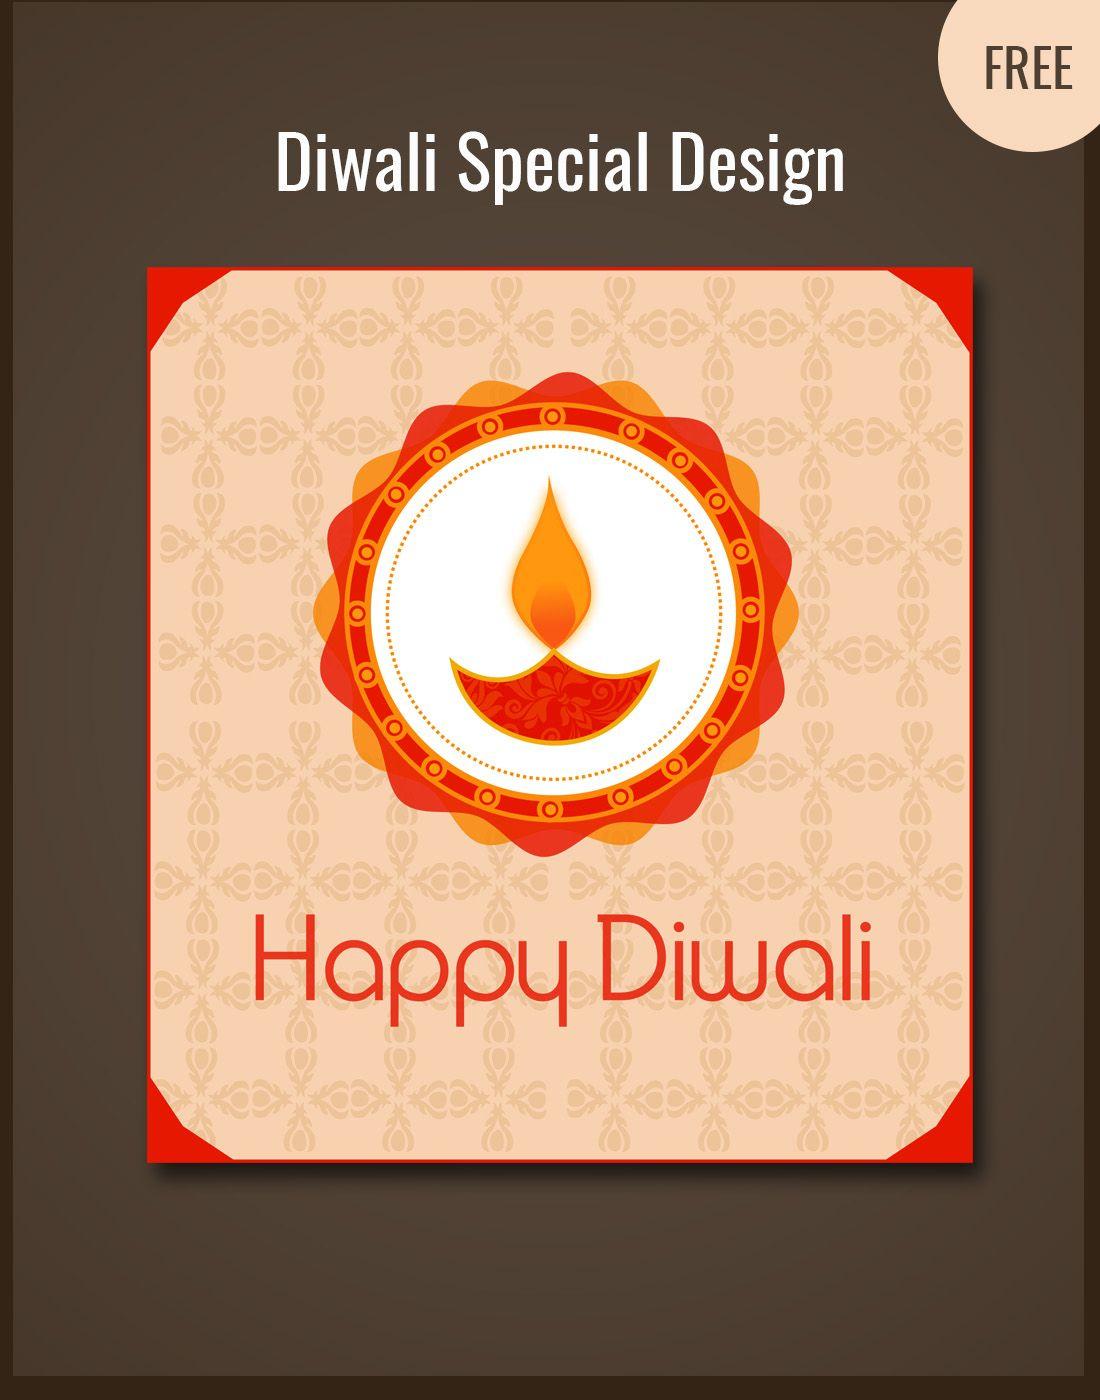 Diwali PSD Templates   Diwali PSD Templates   Pinterest   Psd ...